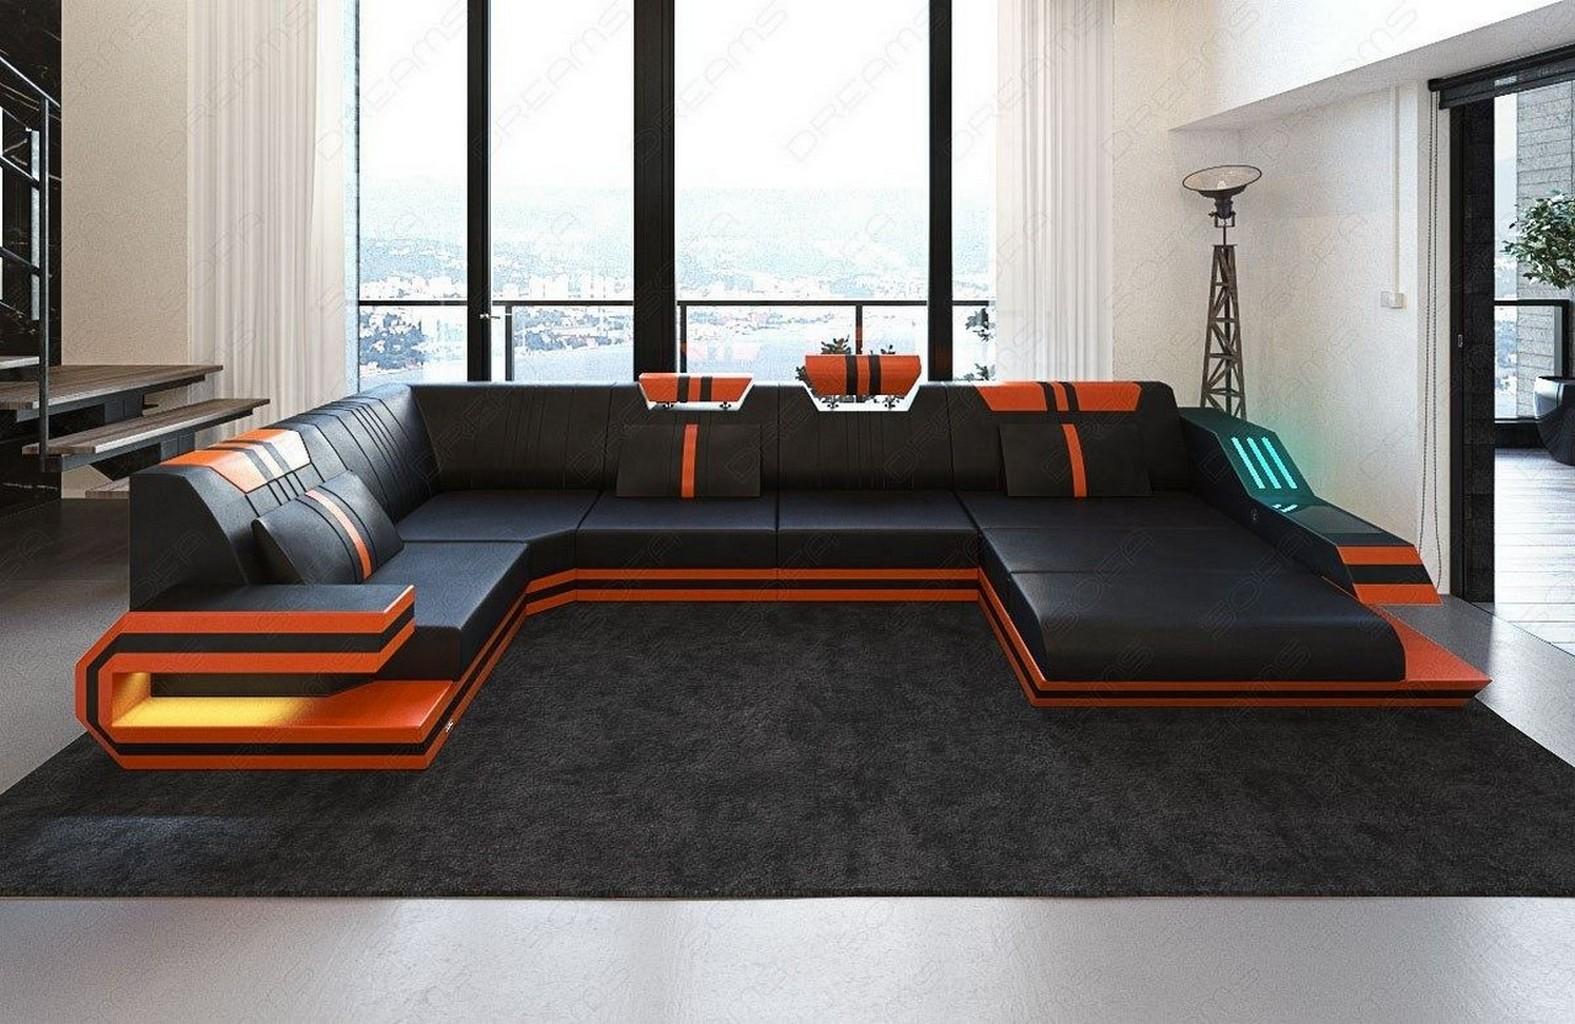 wohnlandschaft ravenna u lerdercouch mit led beleuchtung und usb schwarz orange ebay. Black Bedroom Furniture Sets. Home Design Ideas